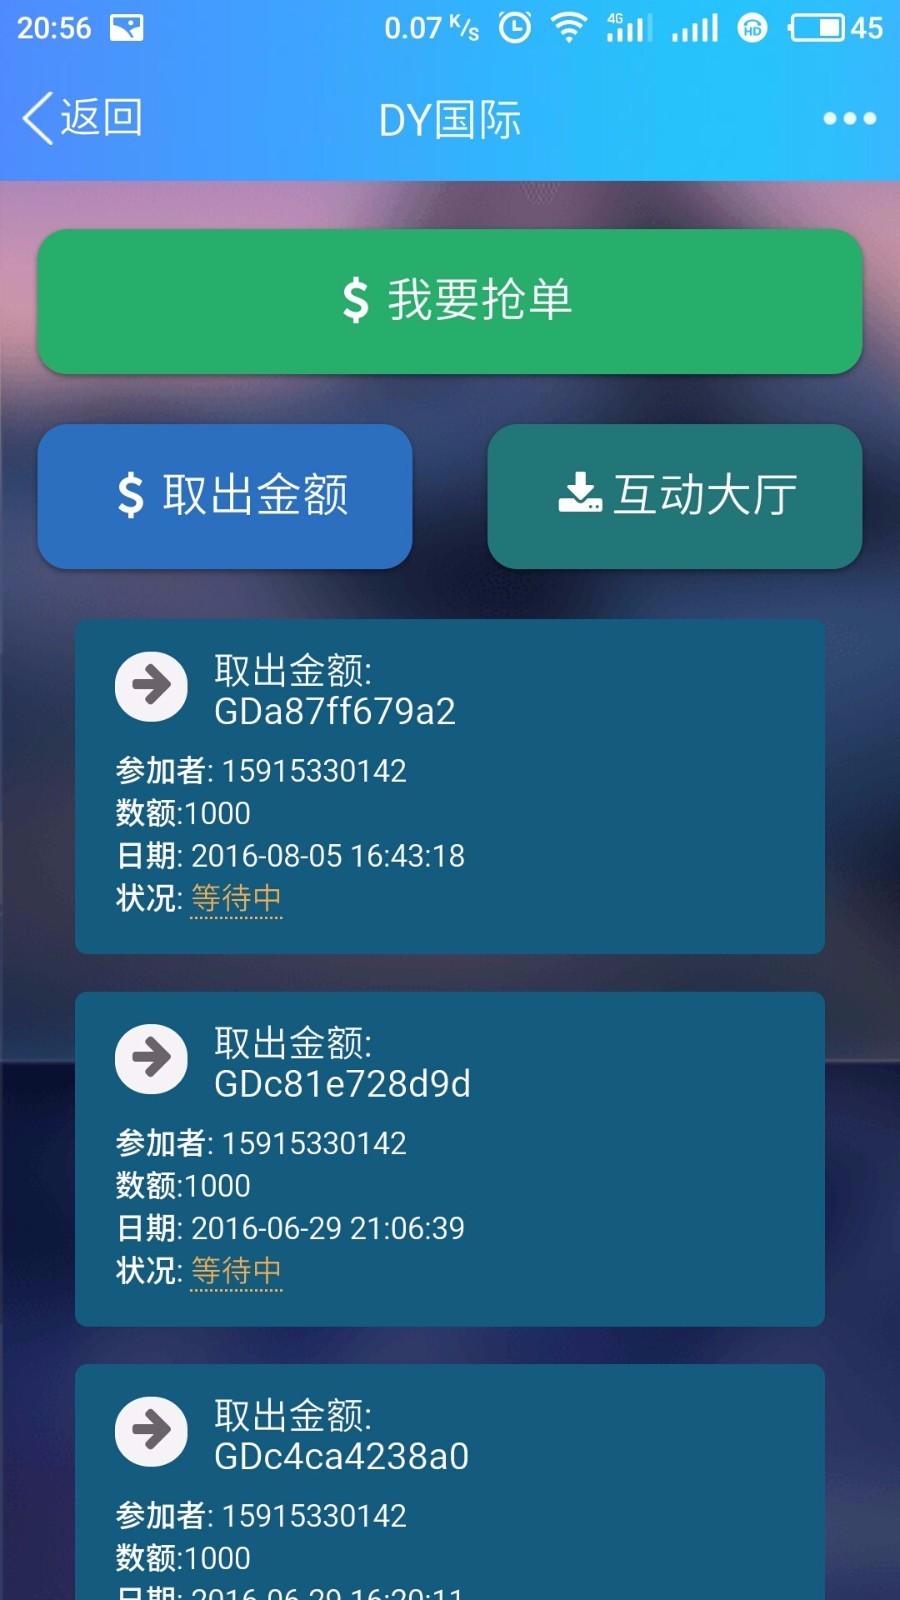 复利分红商城收益系统源码 WAP自适应手机版ThinkPHP源码下载